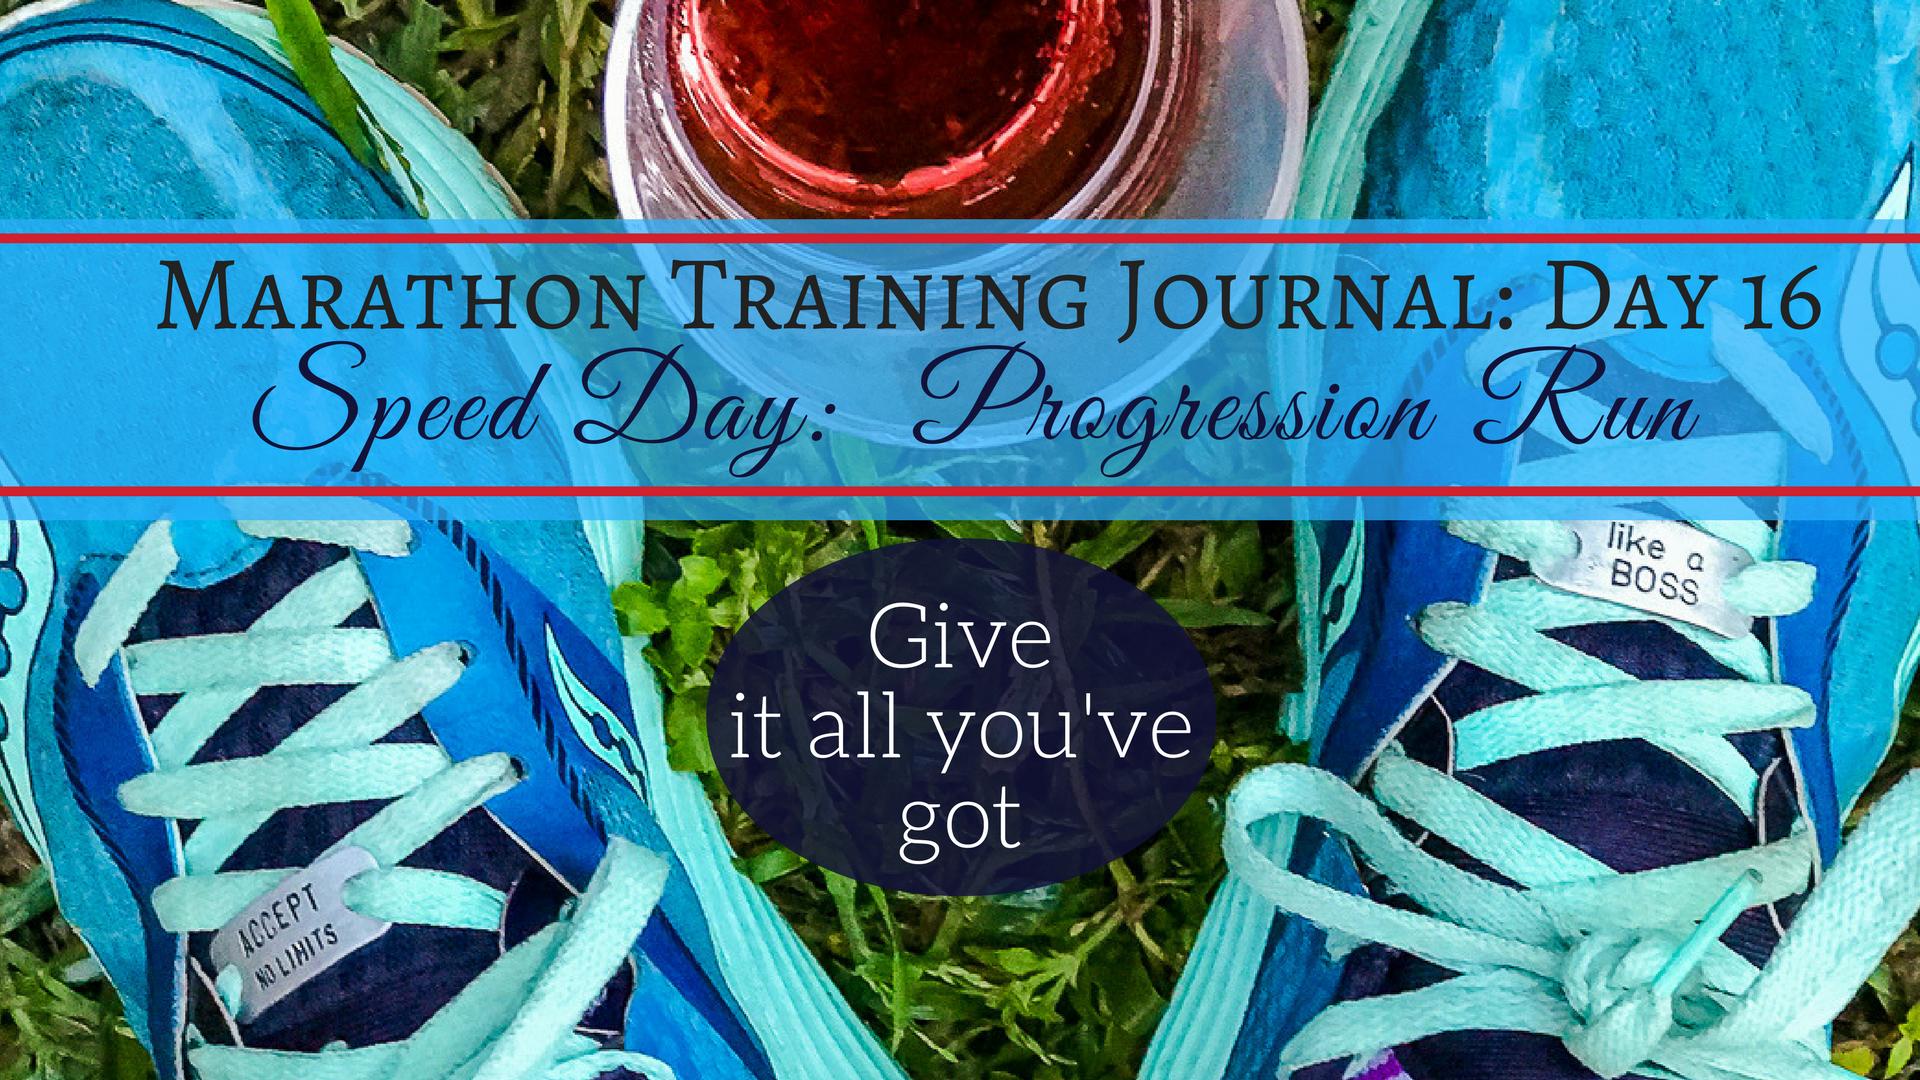 Marathon Training Journal- Day 16